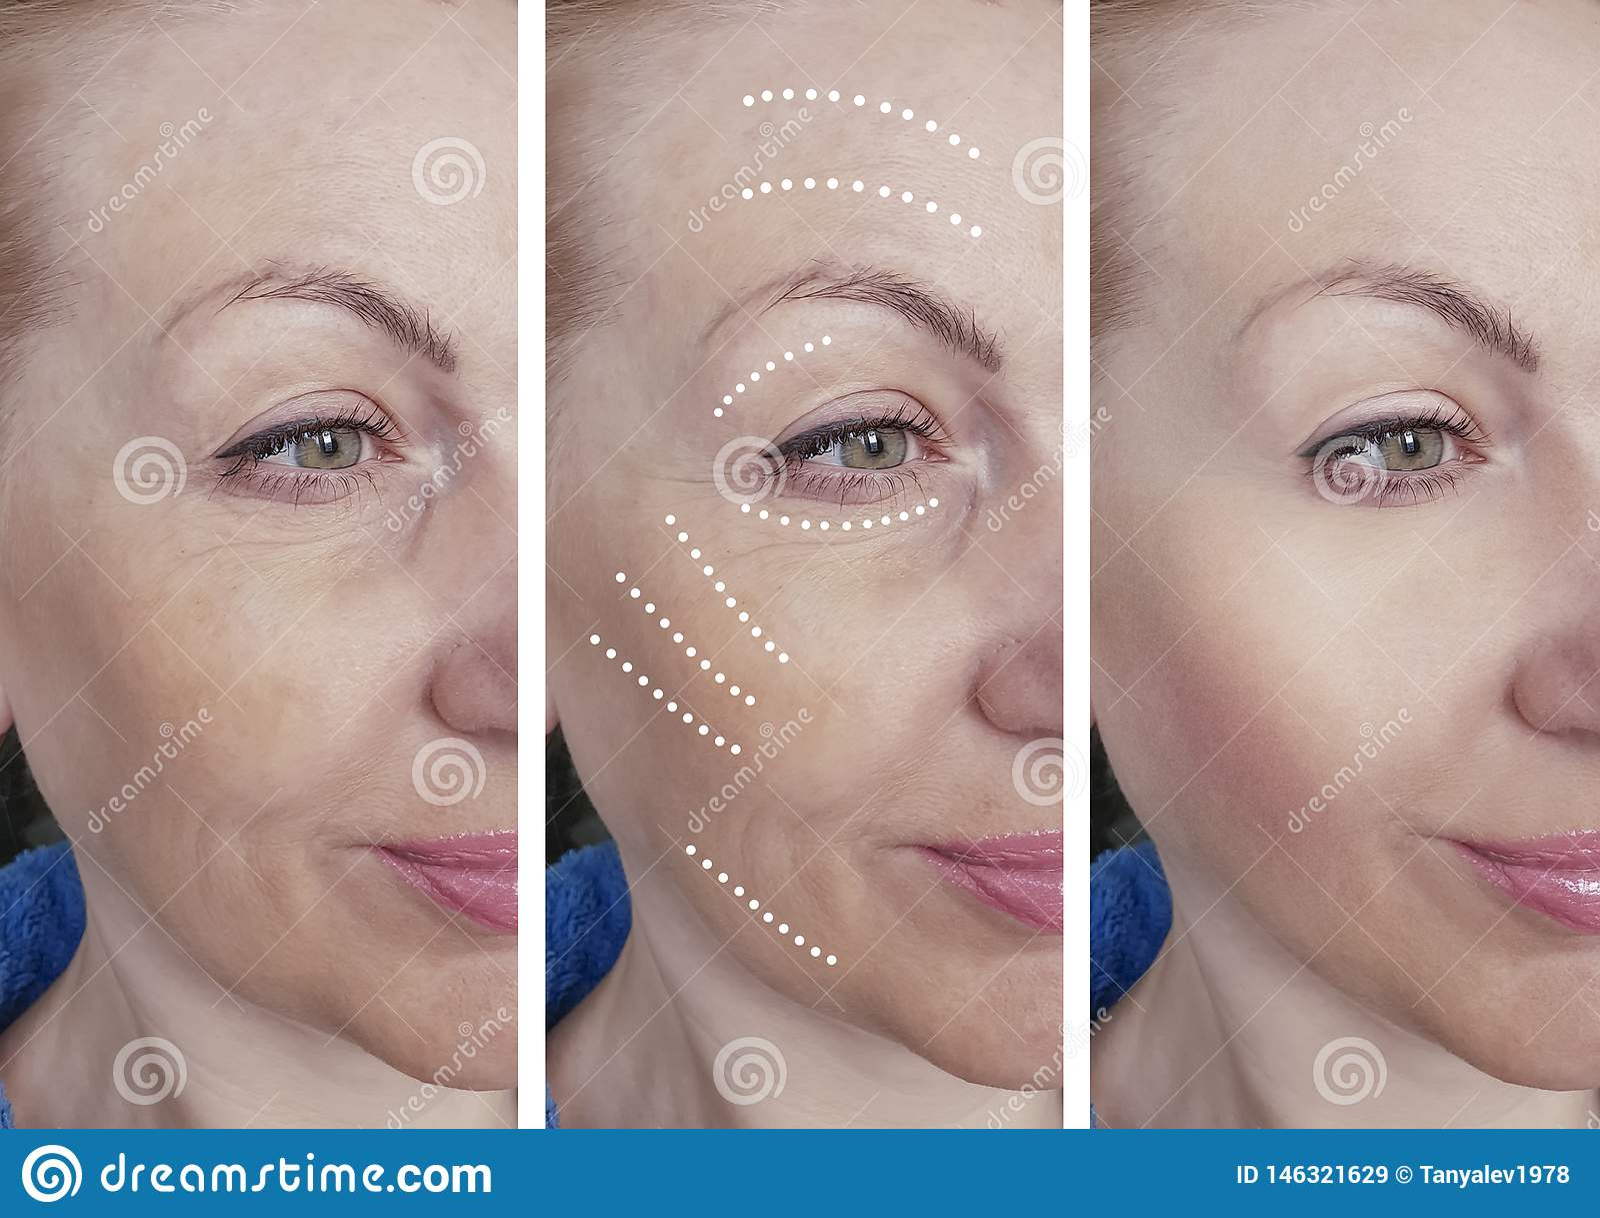 La cara de la mujer arruga antes despu?s de los procedimientos de hidrataci?n de hidrataci?n de la correcci?n del biorevitalizati